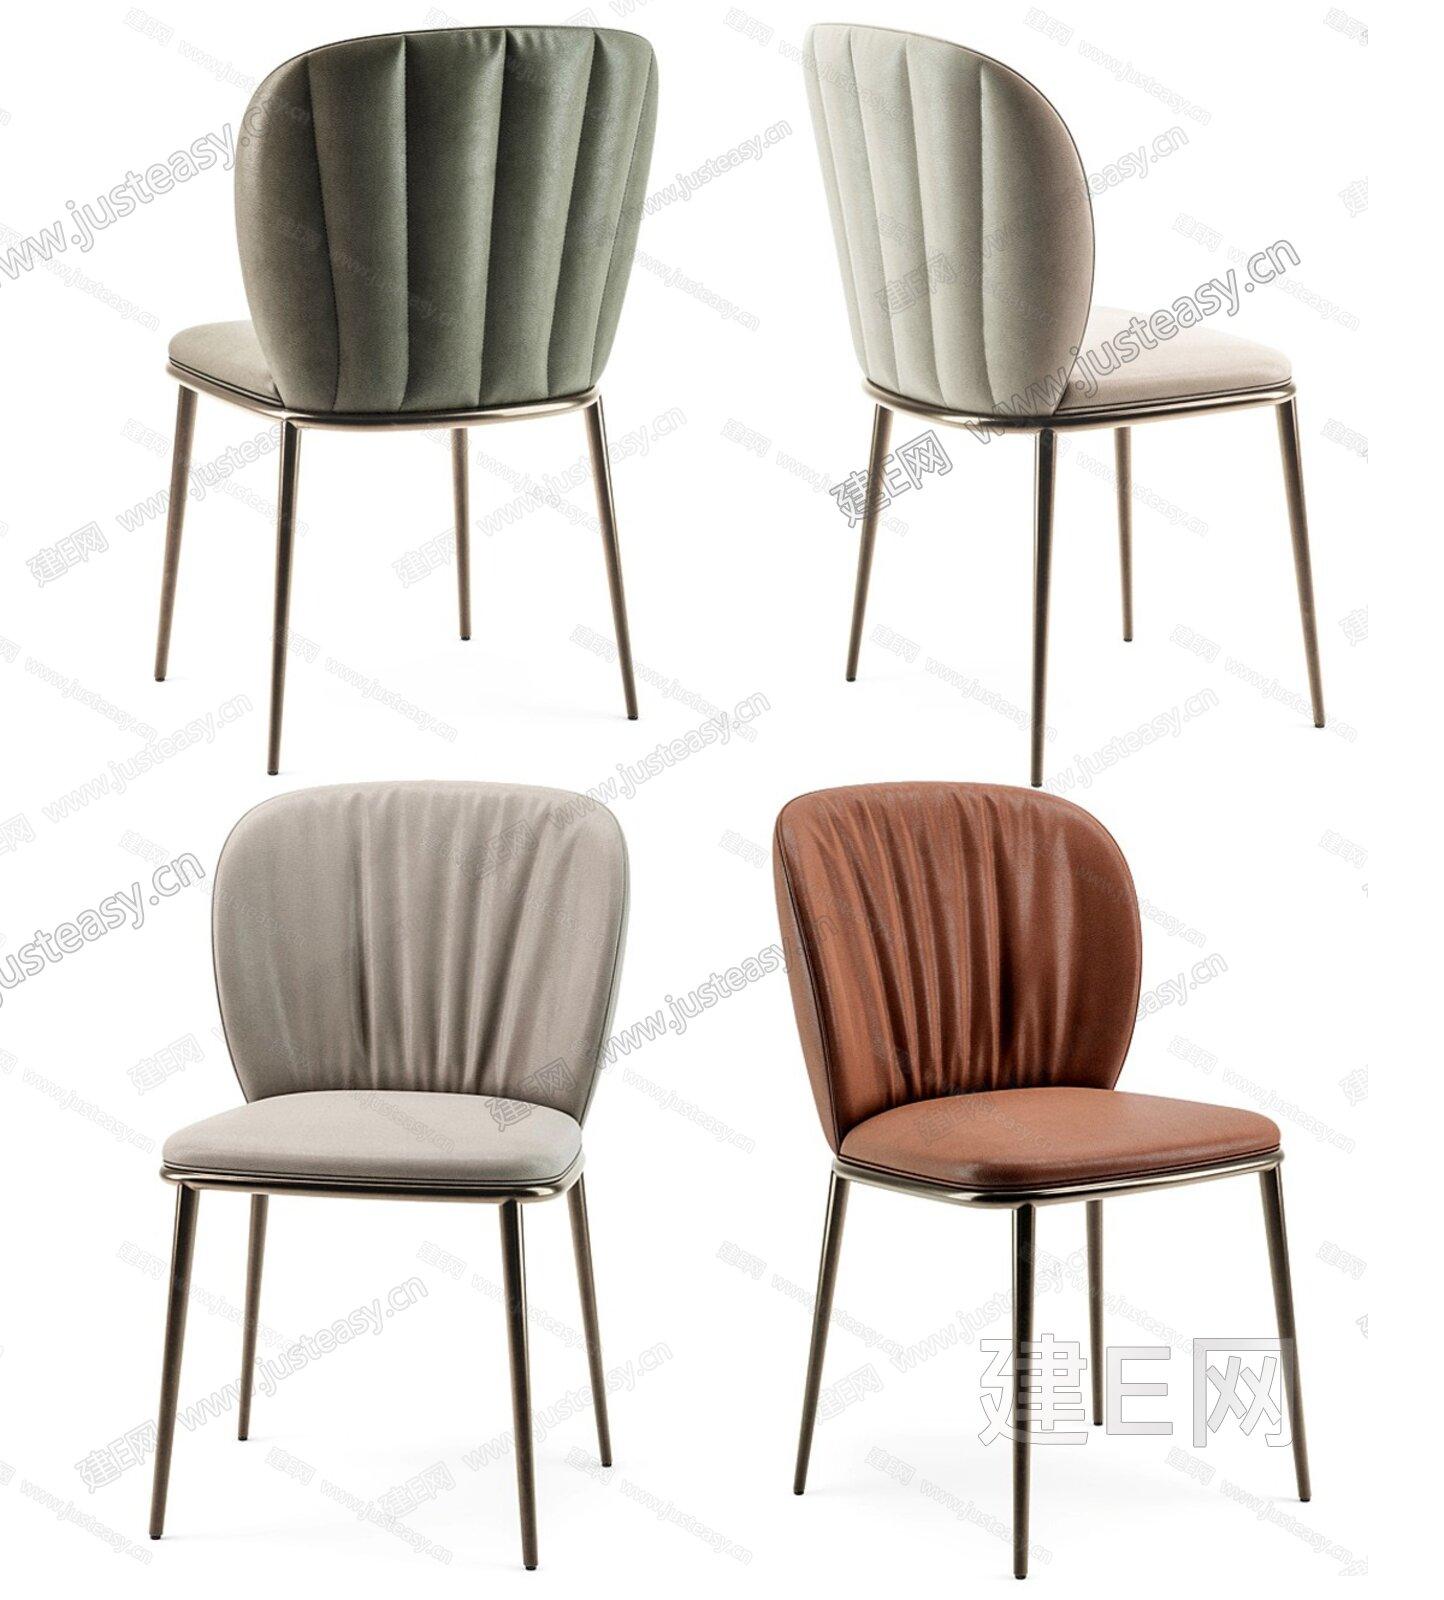 意大利 Cattelan 现代皮质餐椅3d模型